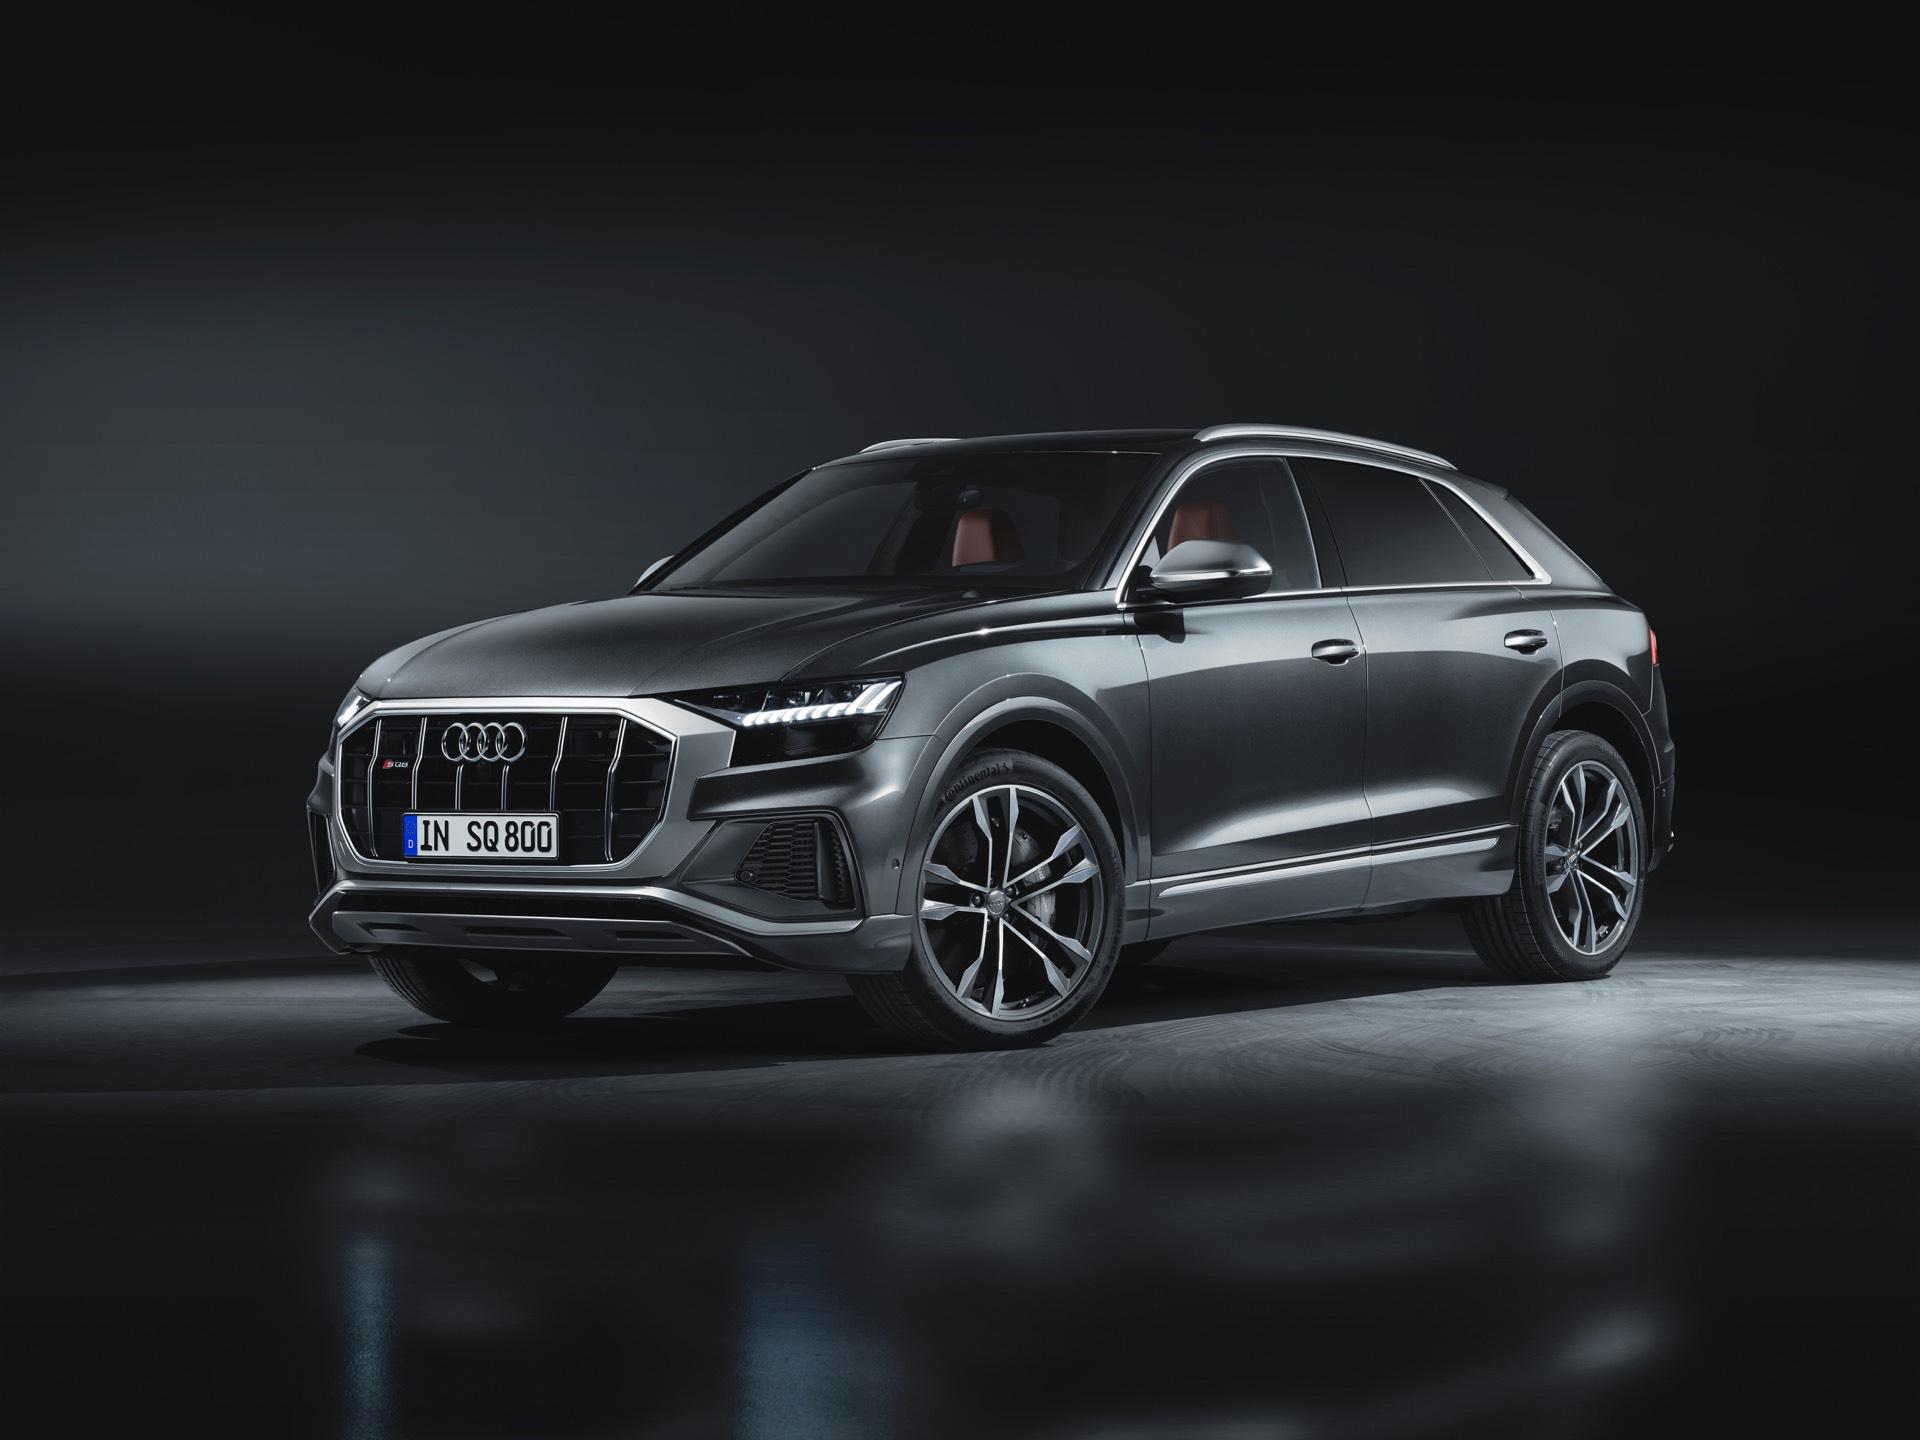 Audi-SQ8-TDI-2019-2